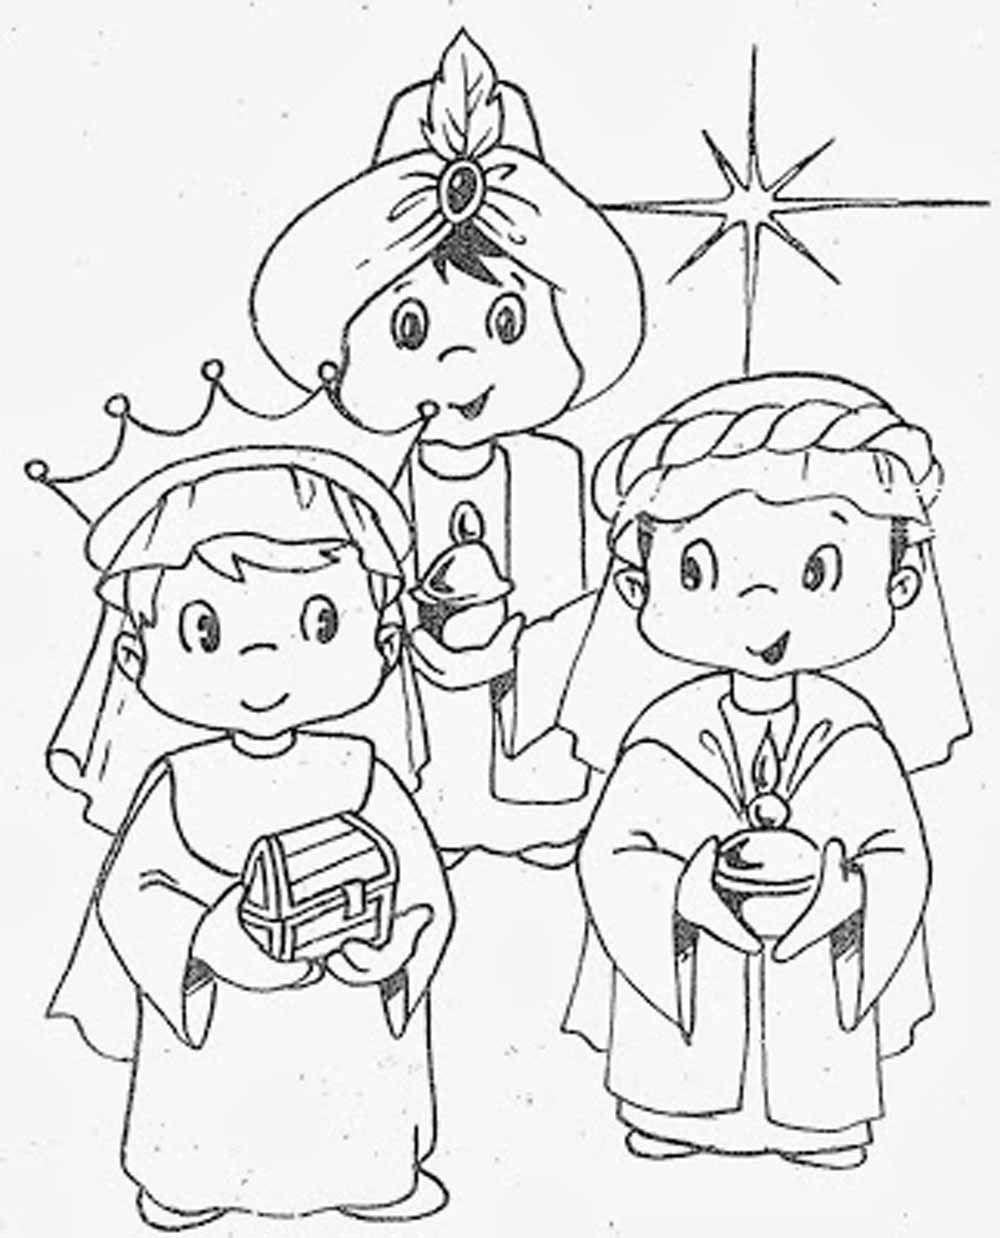 Imagen De Los Tres Reyes Magos Con Oro Incienso Y Mirra Reyes Magos Dibujos Paginas Para Colorear De Navidad Tres Reyes Magos